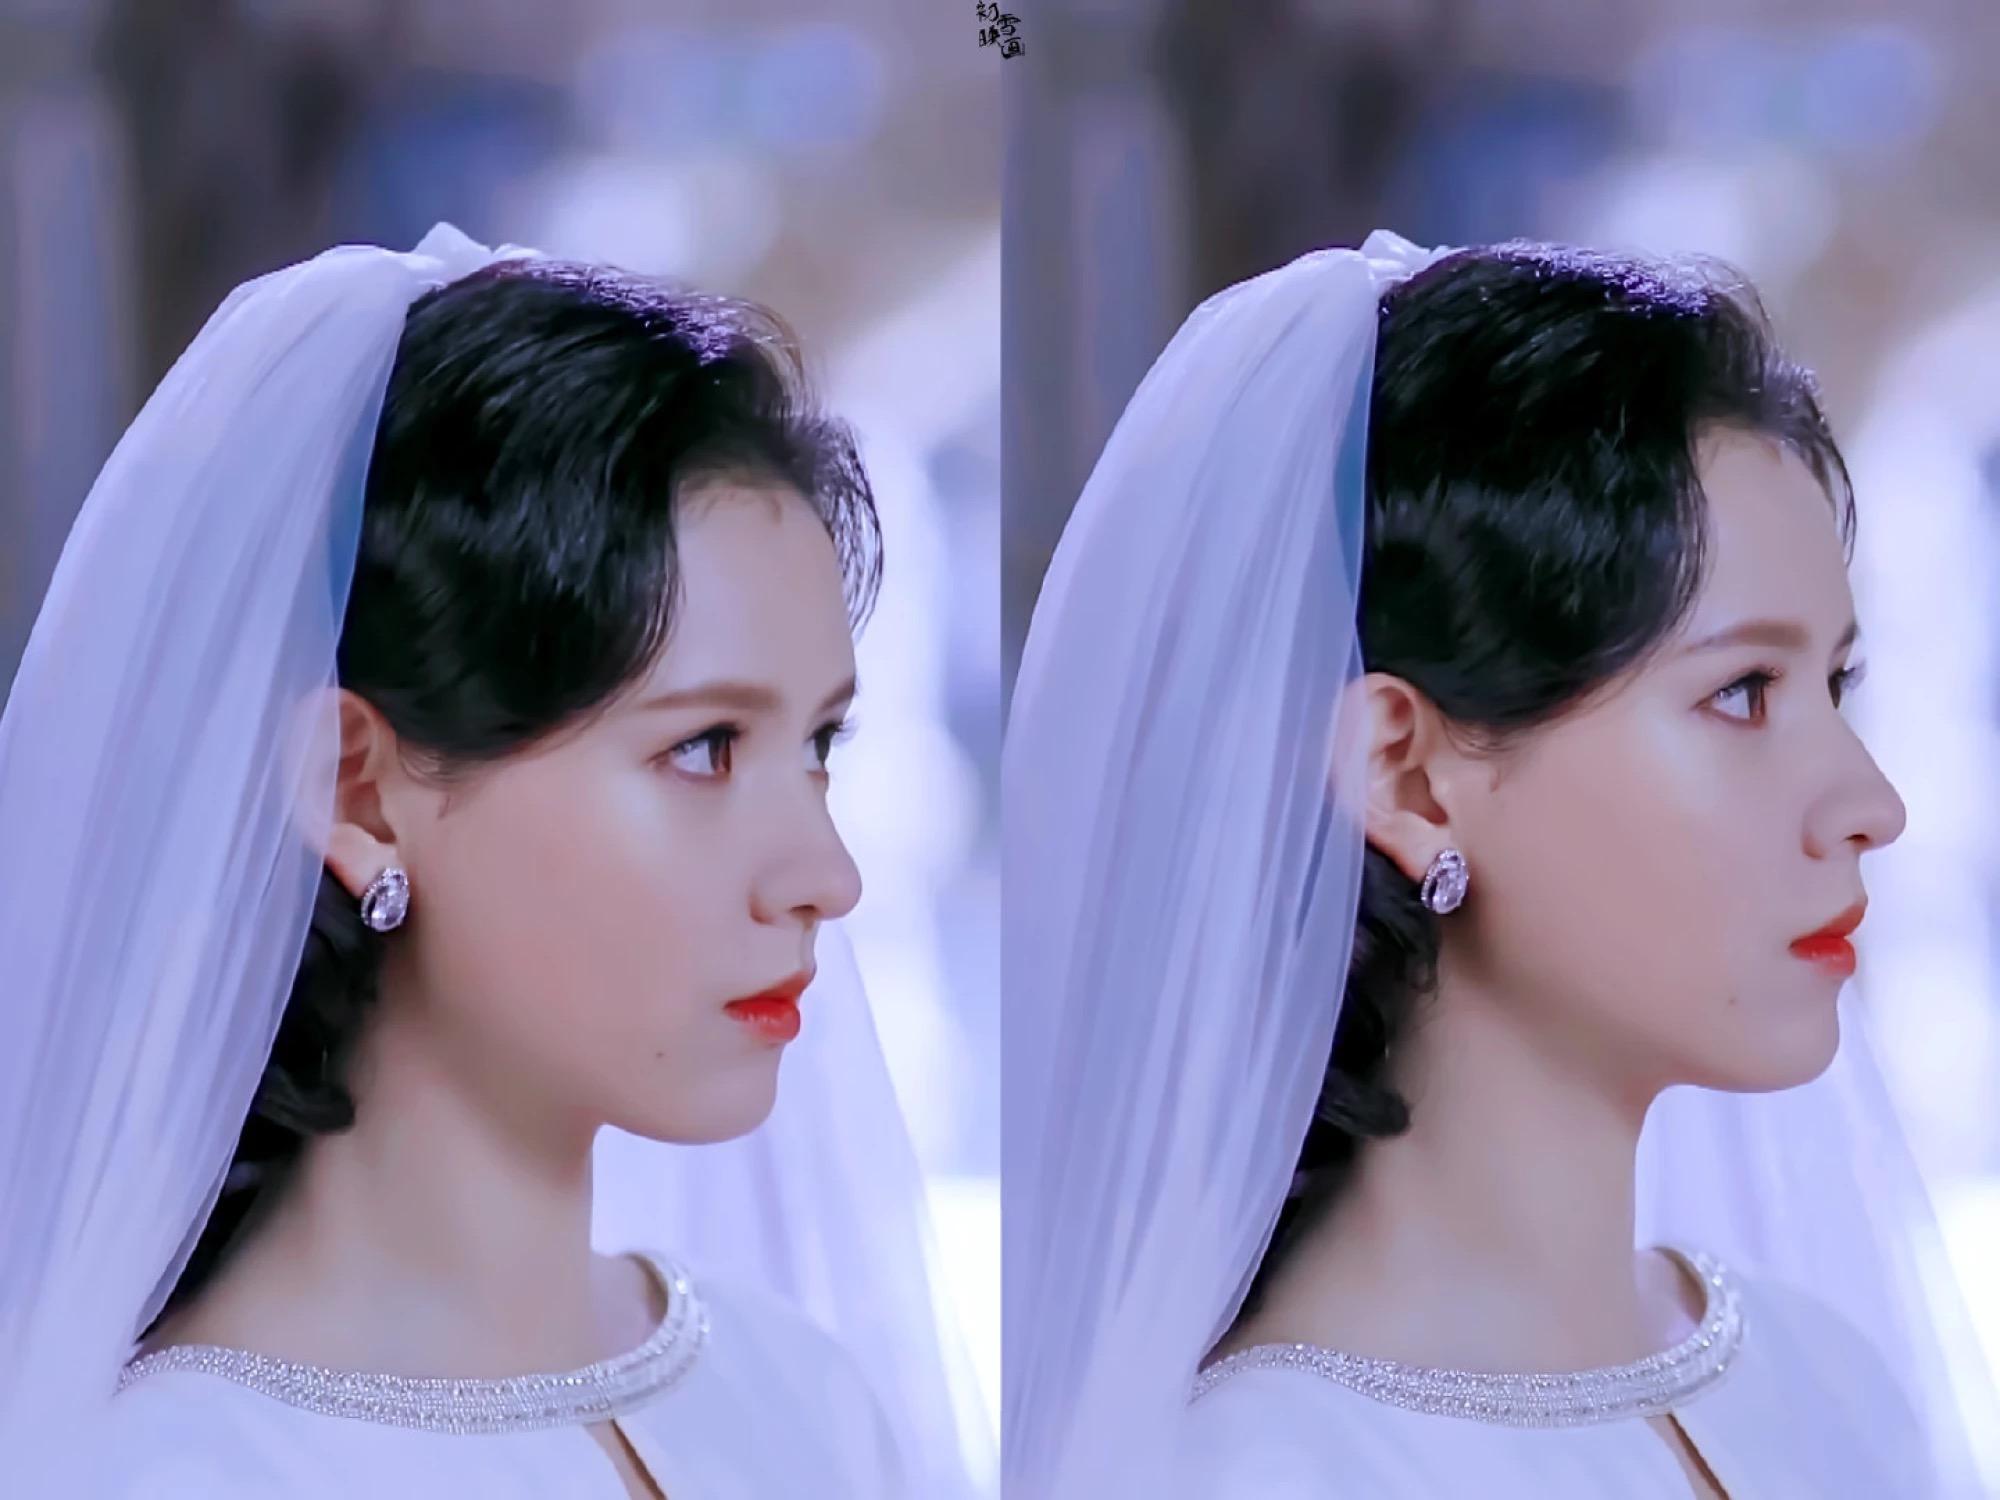 张予曦常常出演女副角,却能随时把女配角给艳压了